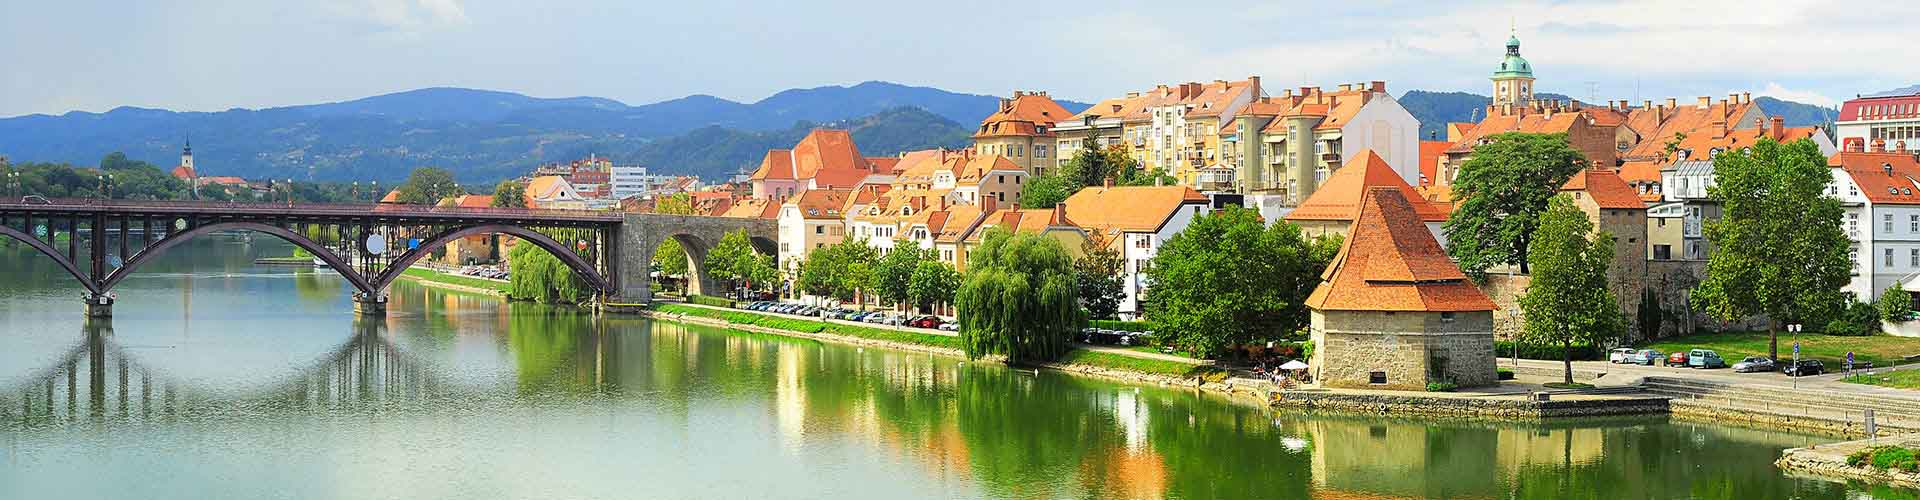 Maribor - Habitaciones en Maribor. Mapas de Maribor, Fotos y Comentarios para cada habitación en Maribor.